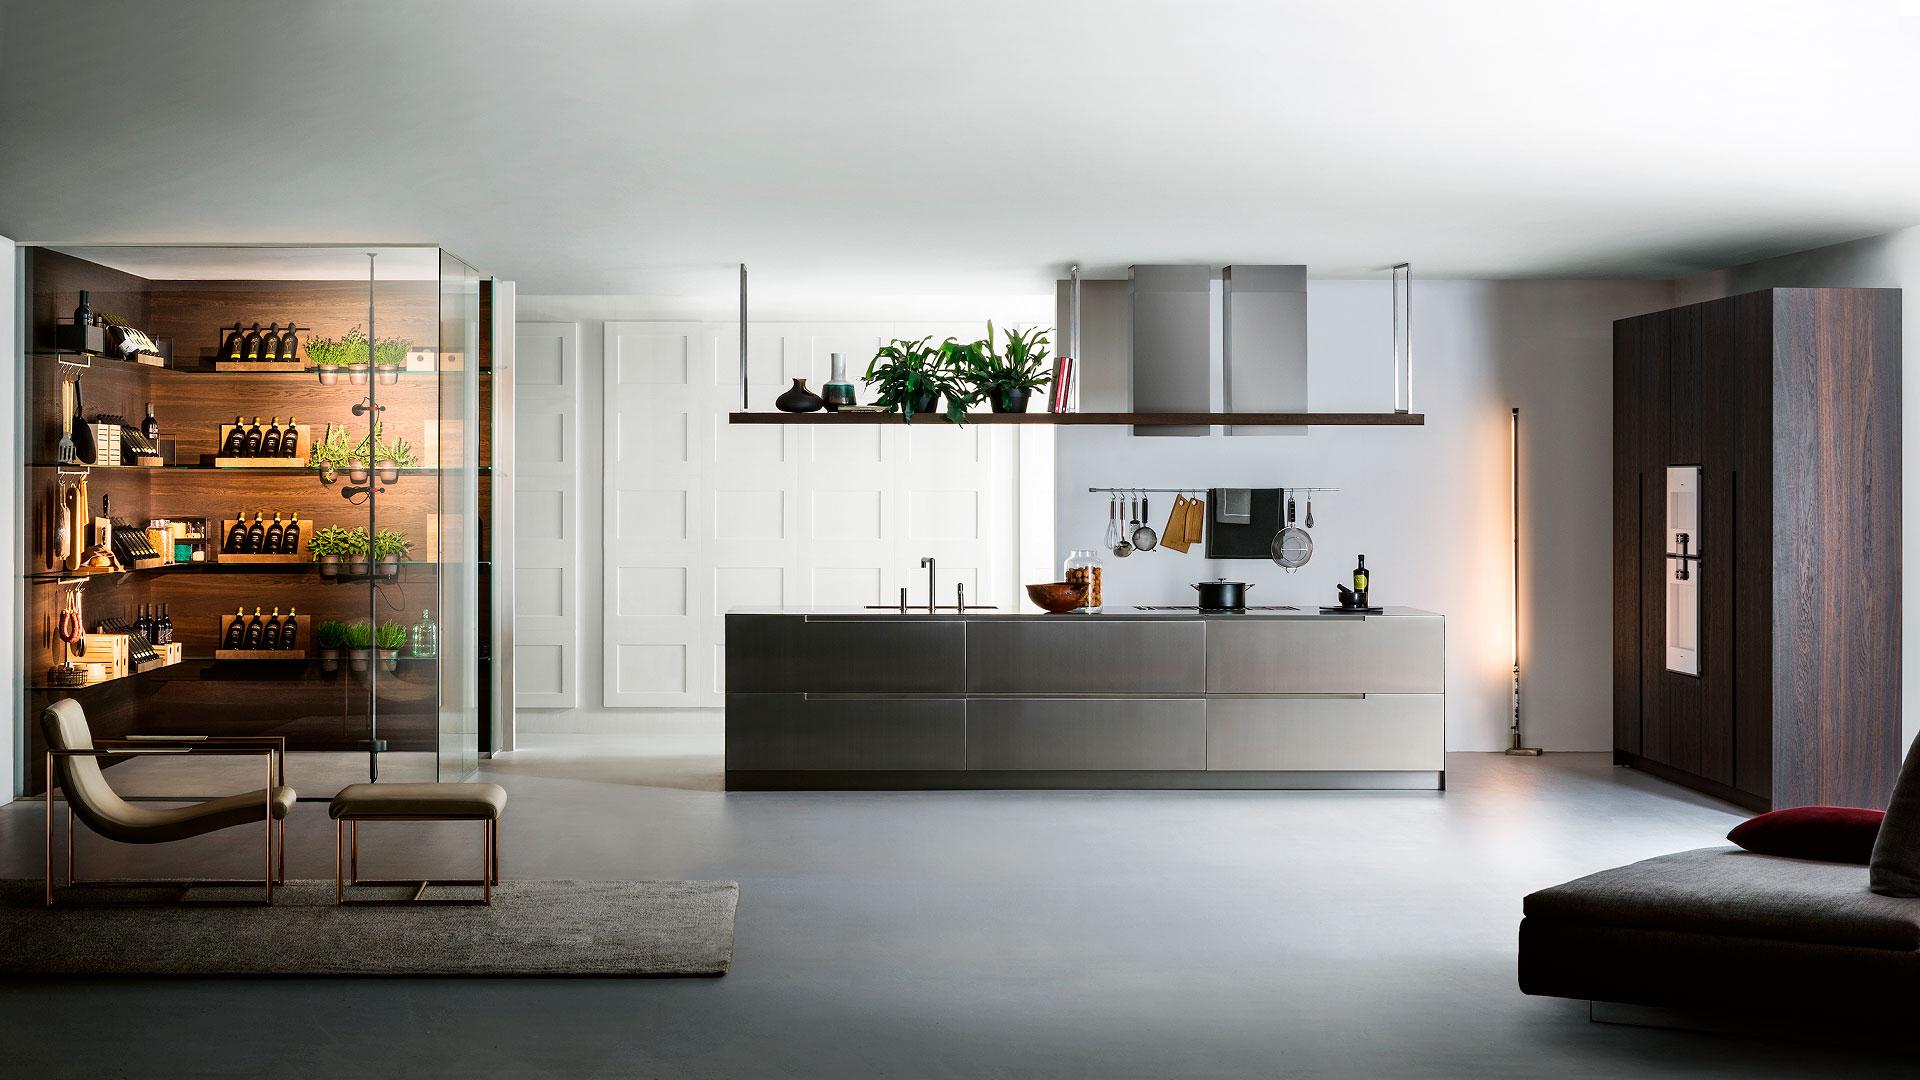 Cucina in legno e acciaio G180 | Collezioni Cucine 2018 TM Italia - TM_CAT_G180_001